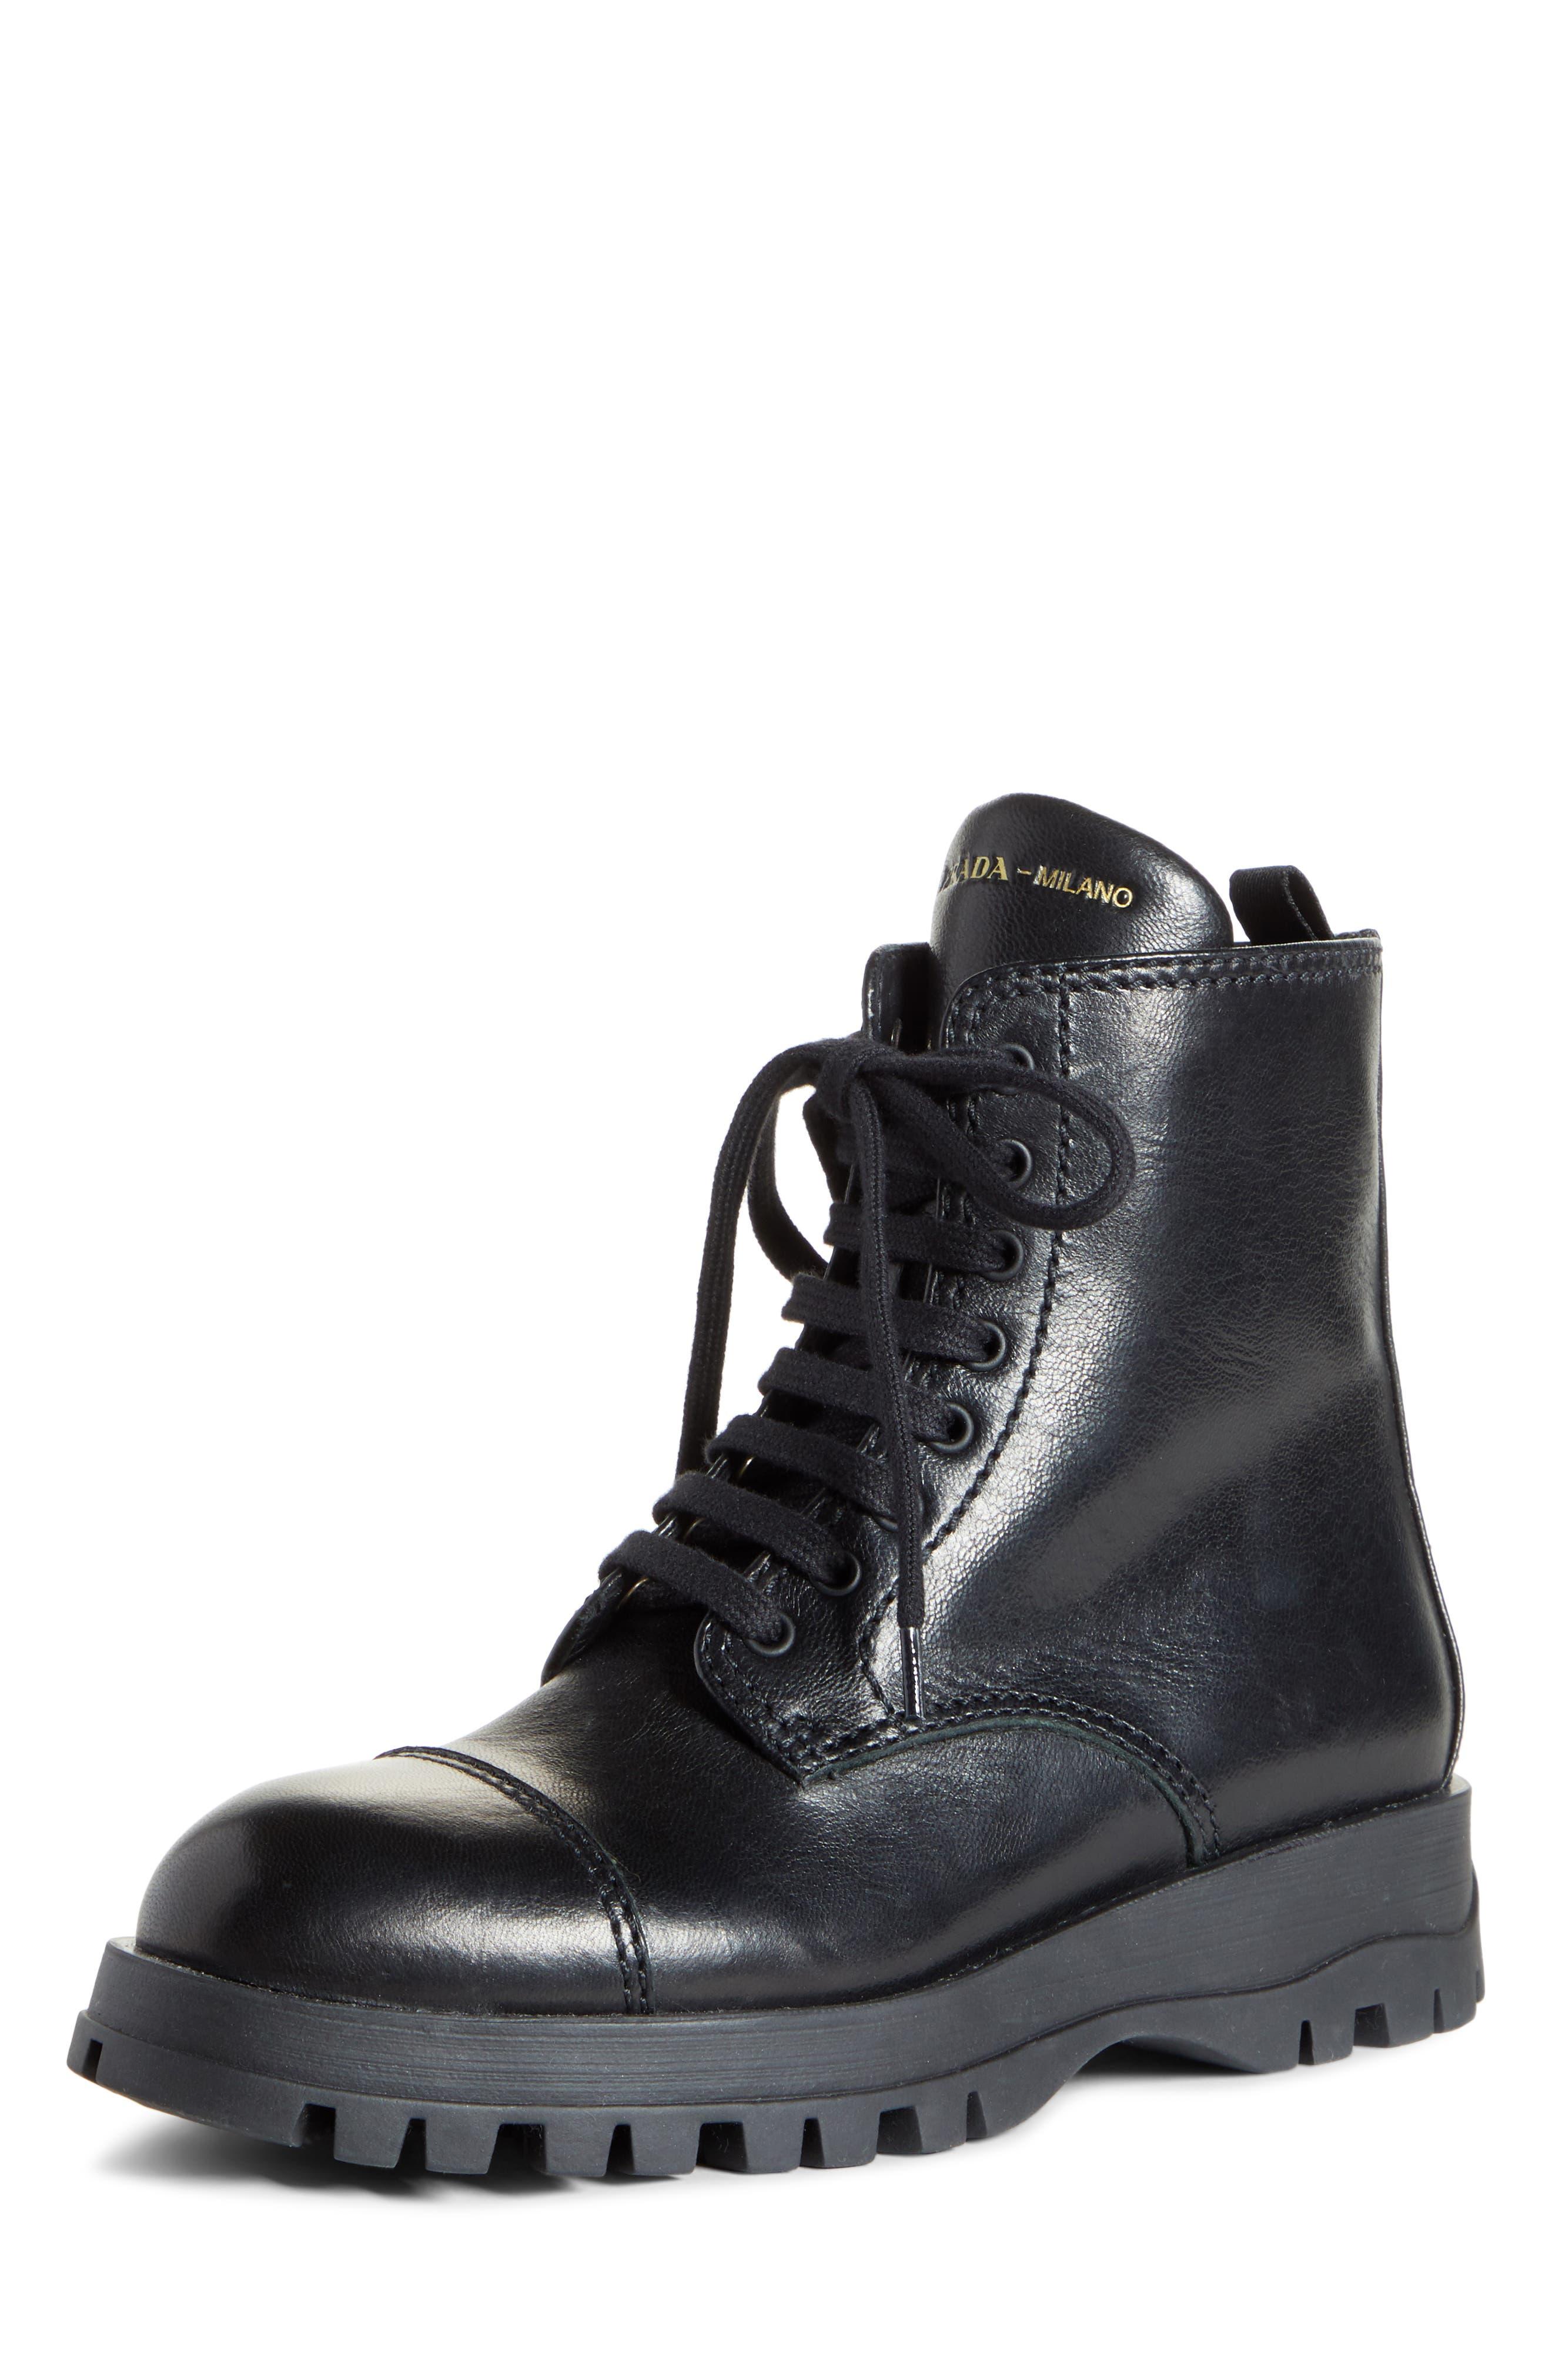 Women's Prada Boots | Nordstrom